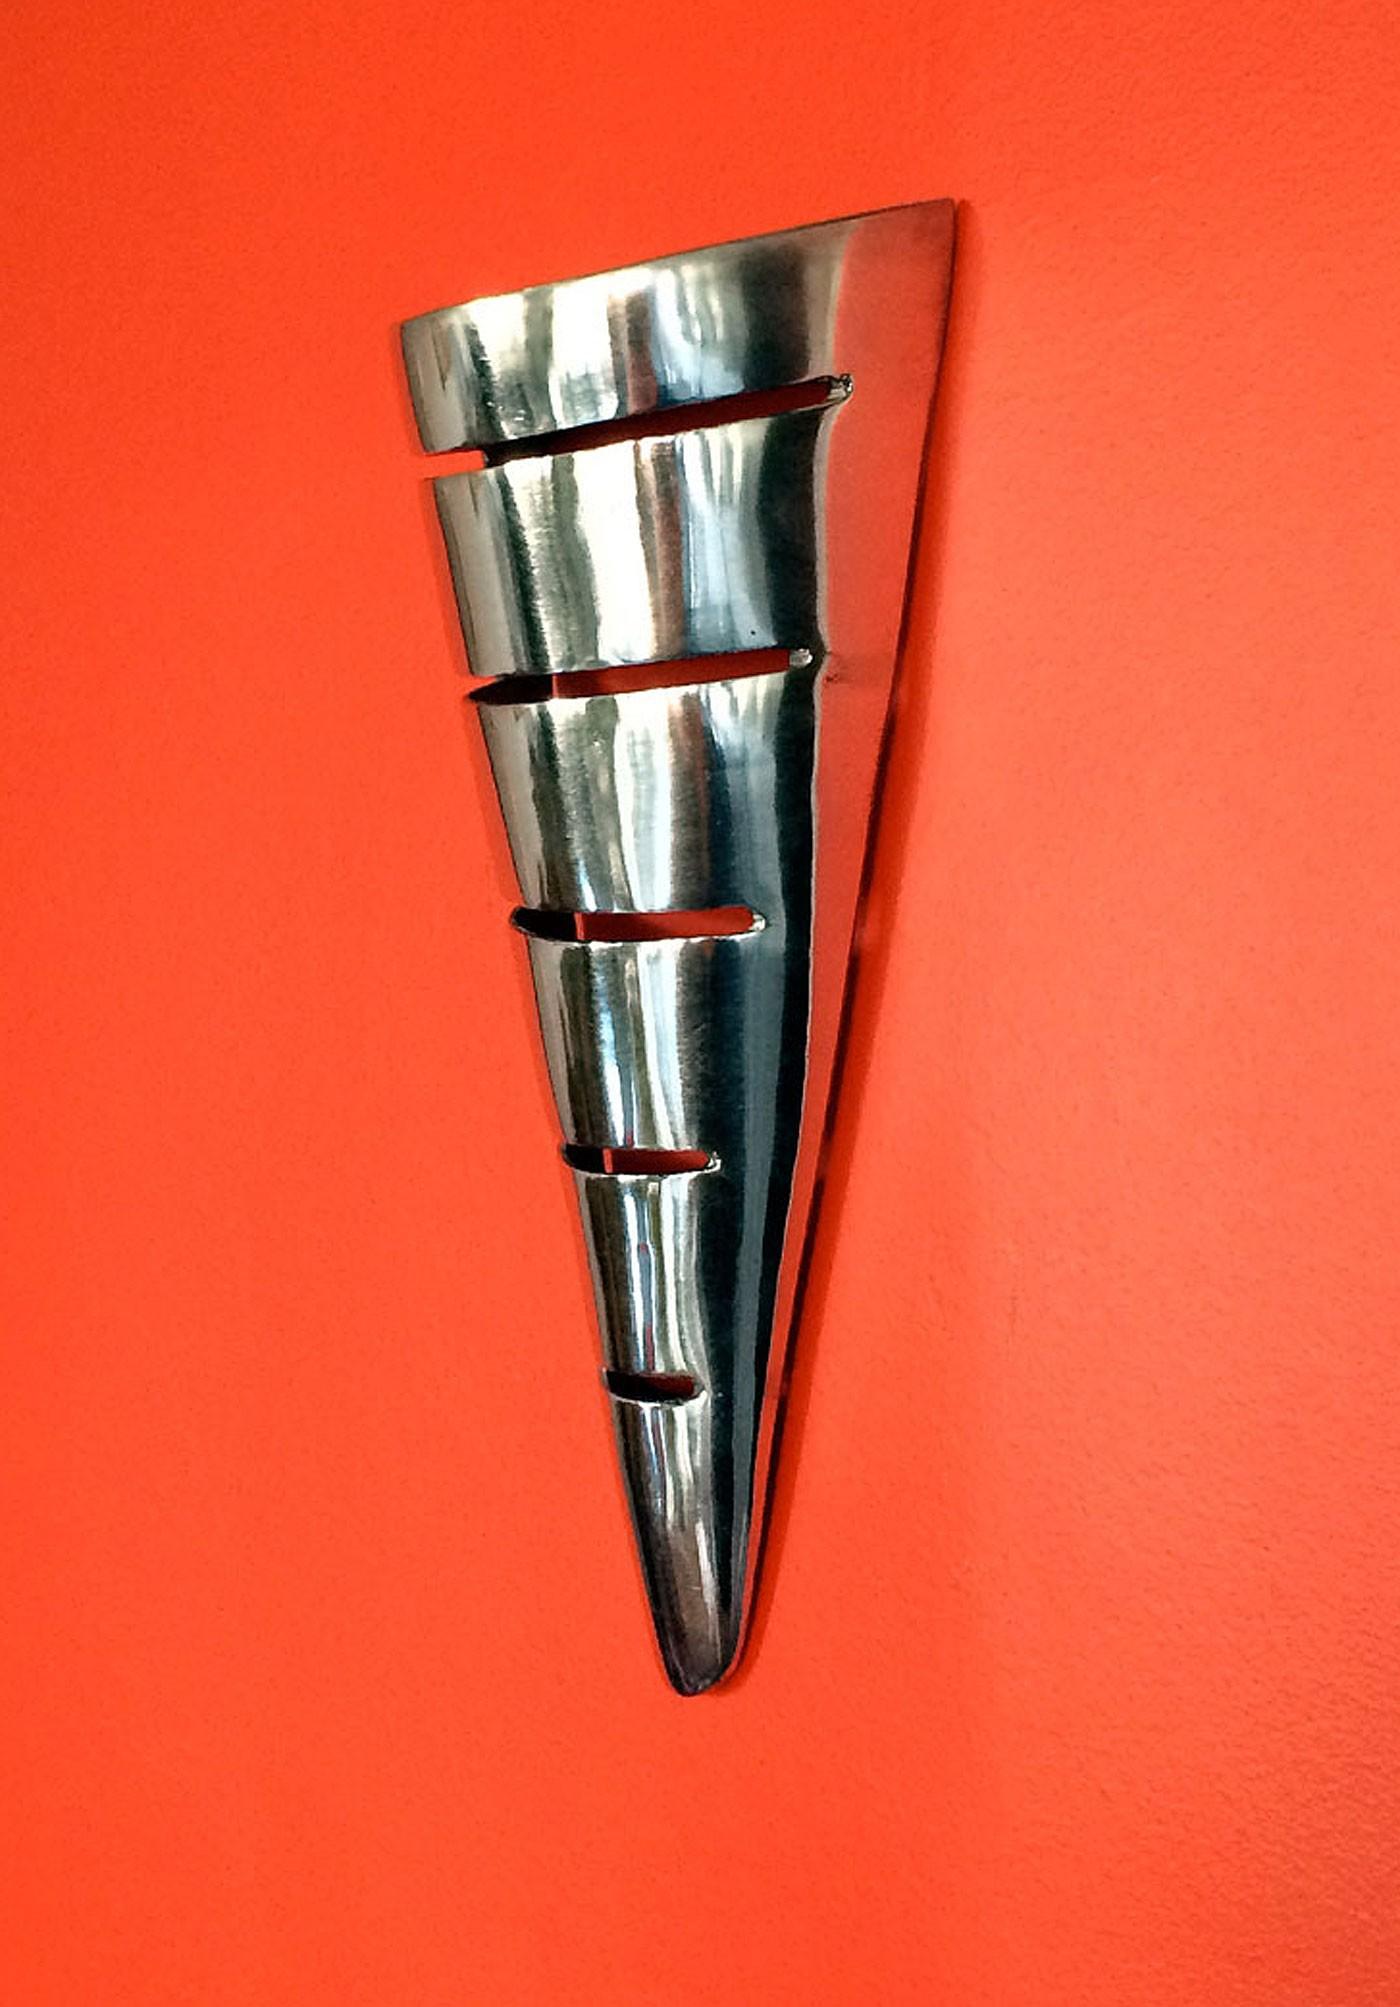 Conique Applique En Aluminium Applique Applique Conique Murale Aluminium Conique En Murale En Murale b7gIf6yvY